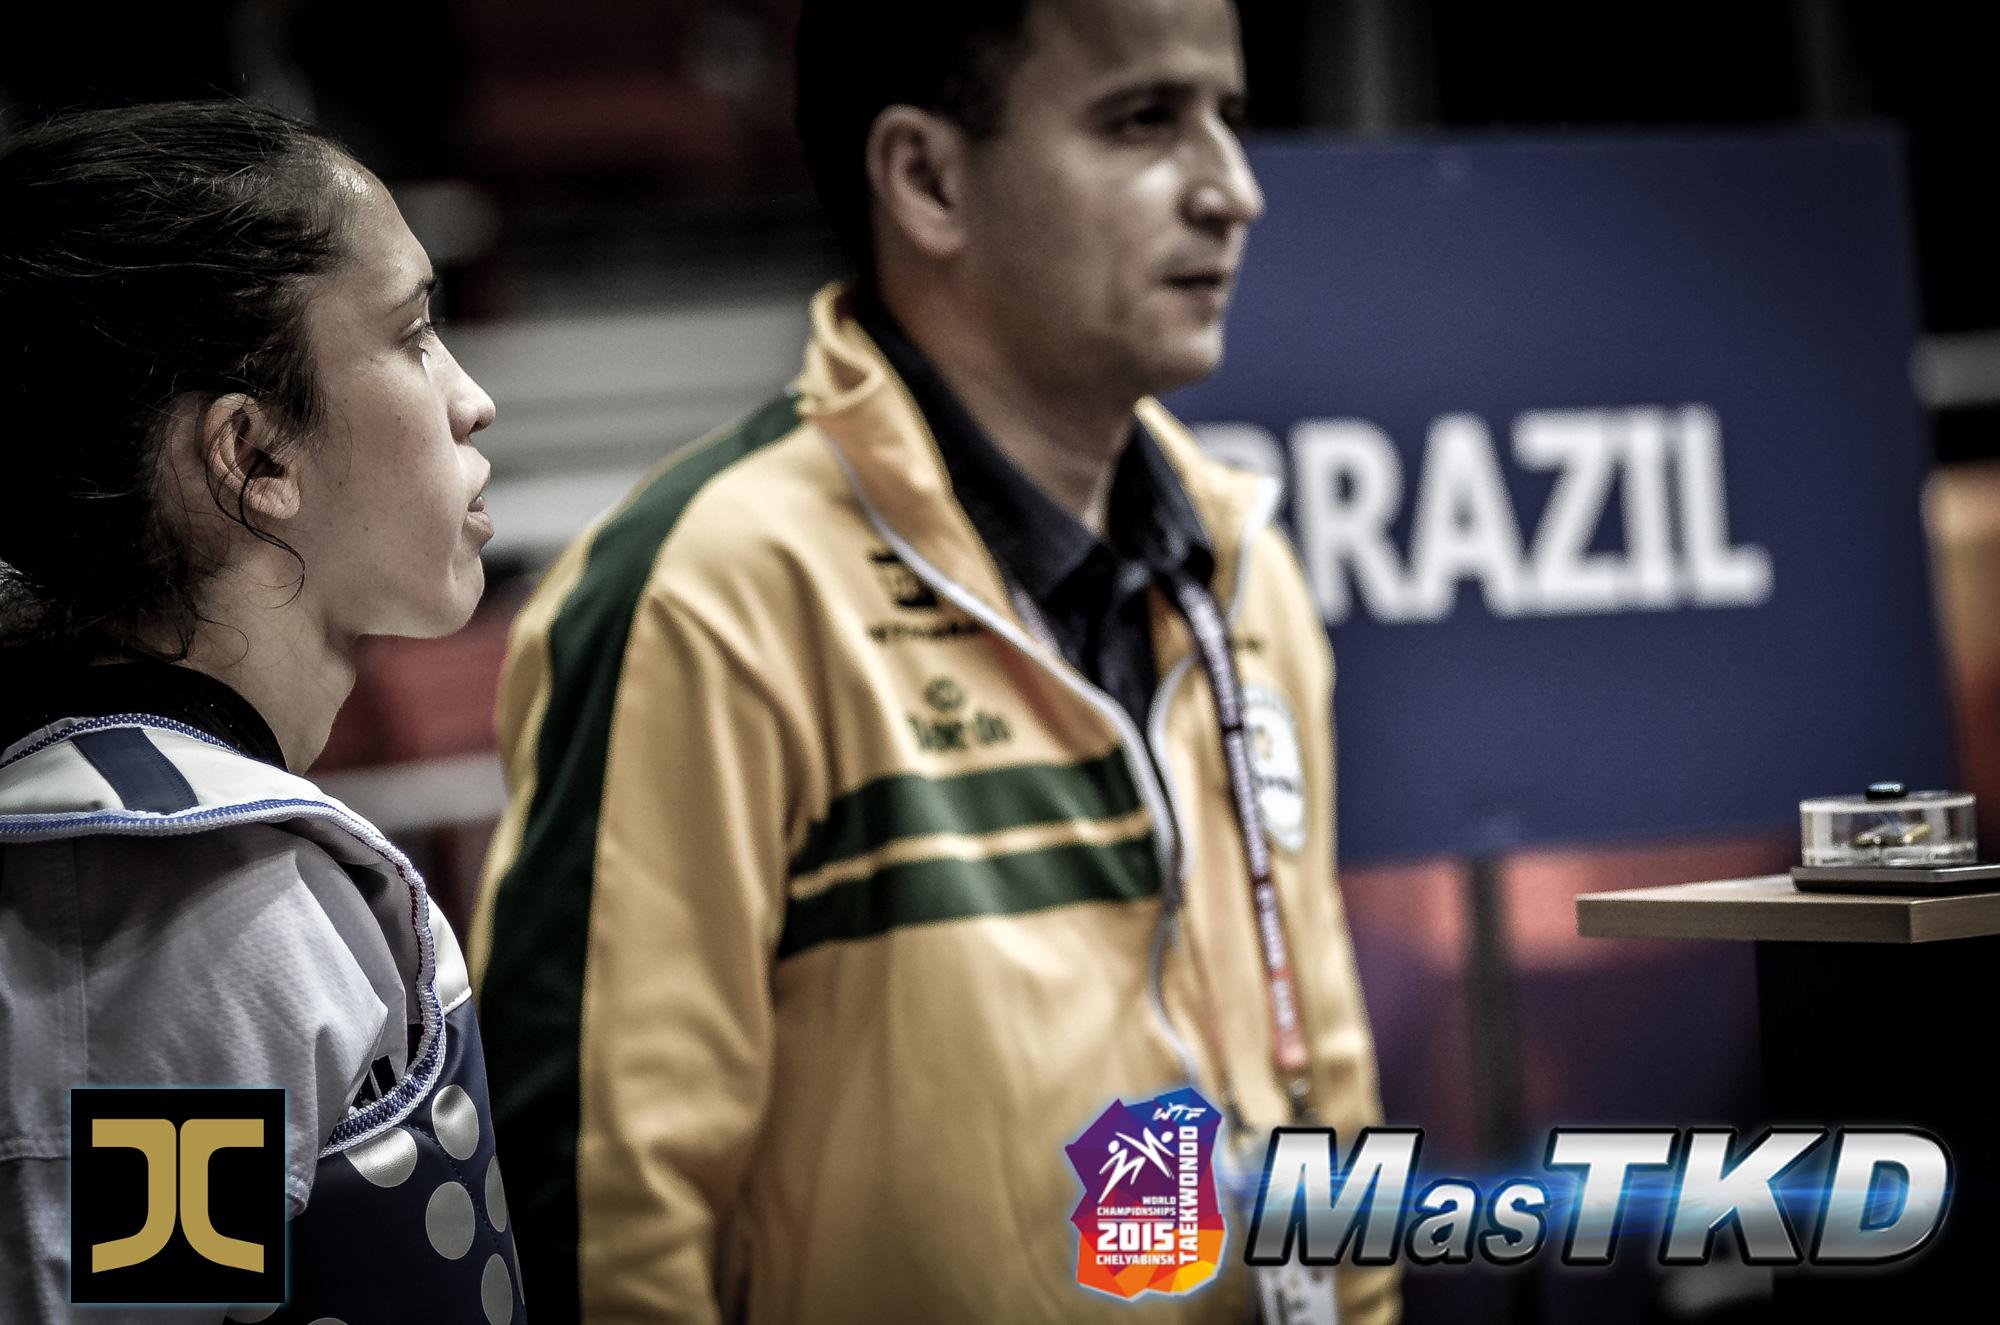 06_20150512_Taekwondo-Mundial_JC-Seleccion_D1